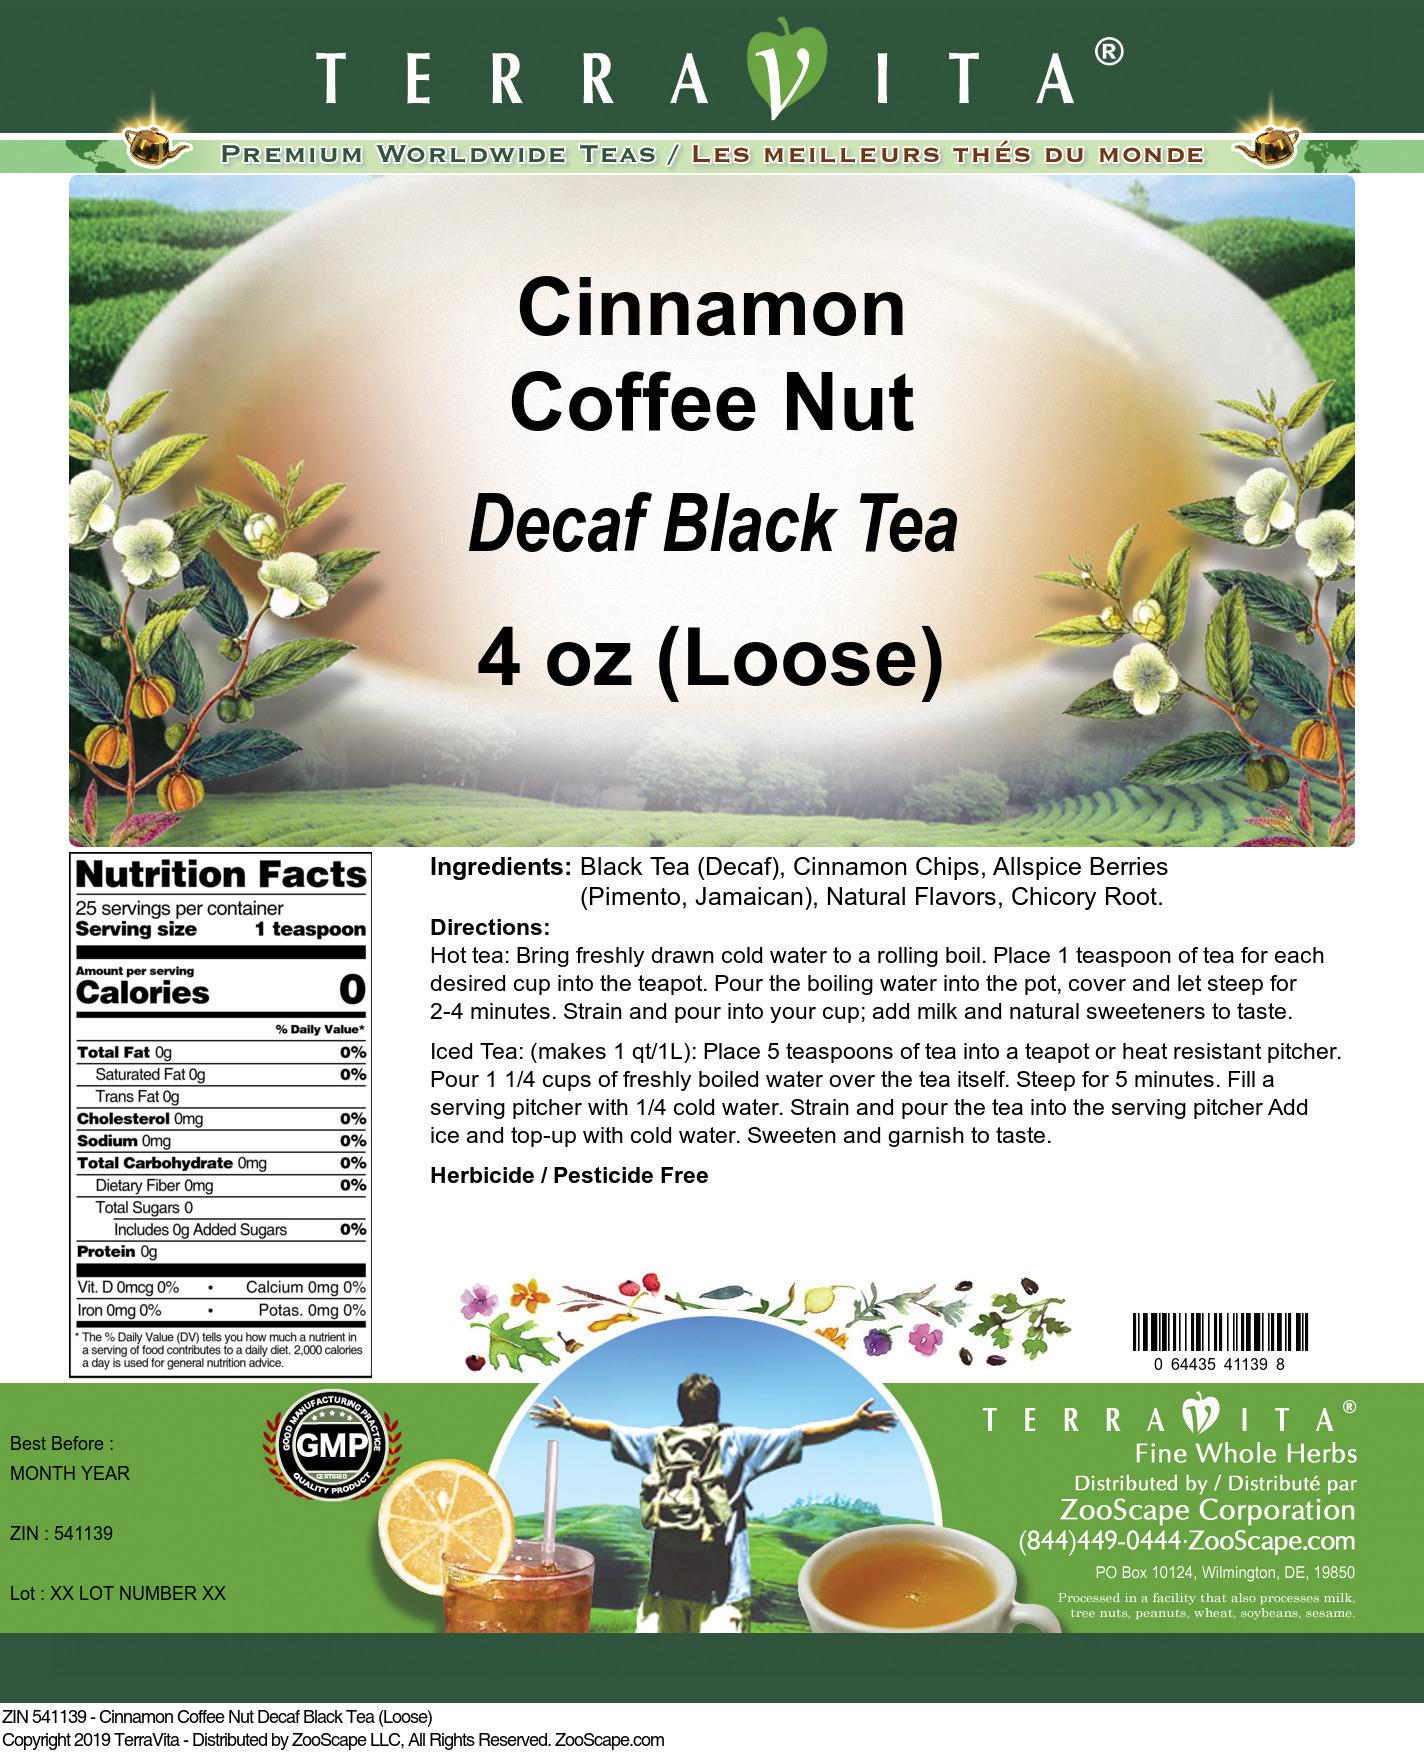 Cinnamon Coffee Nut Decaf Black Tea (Loose)